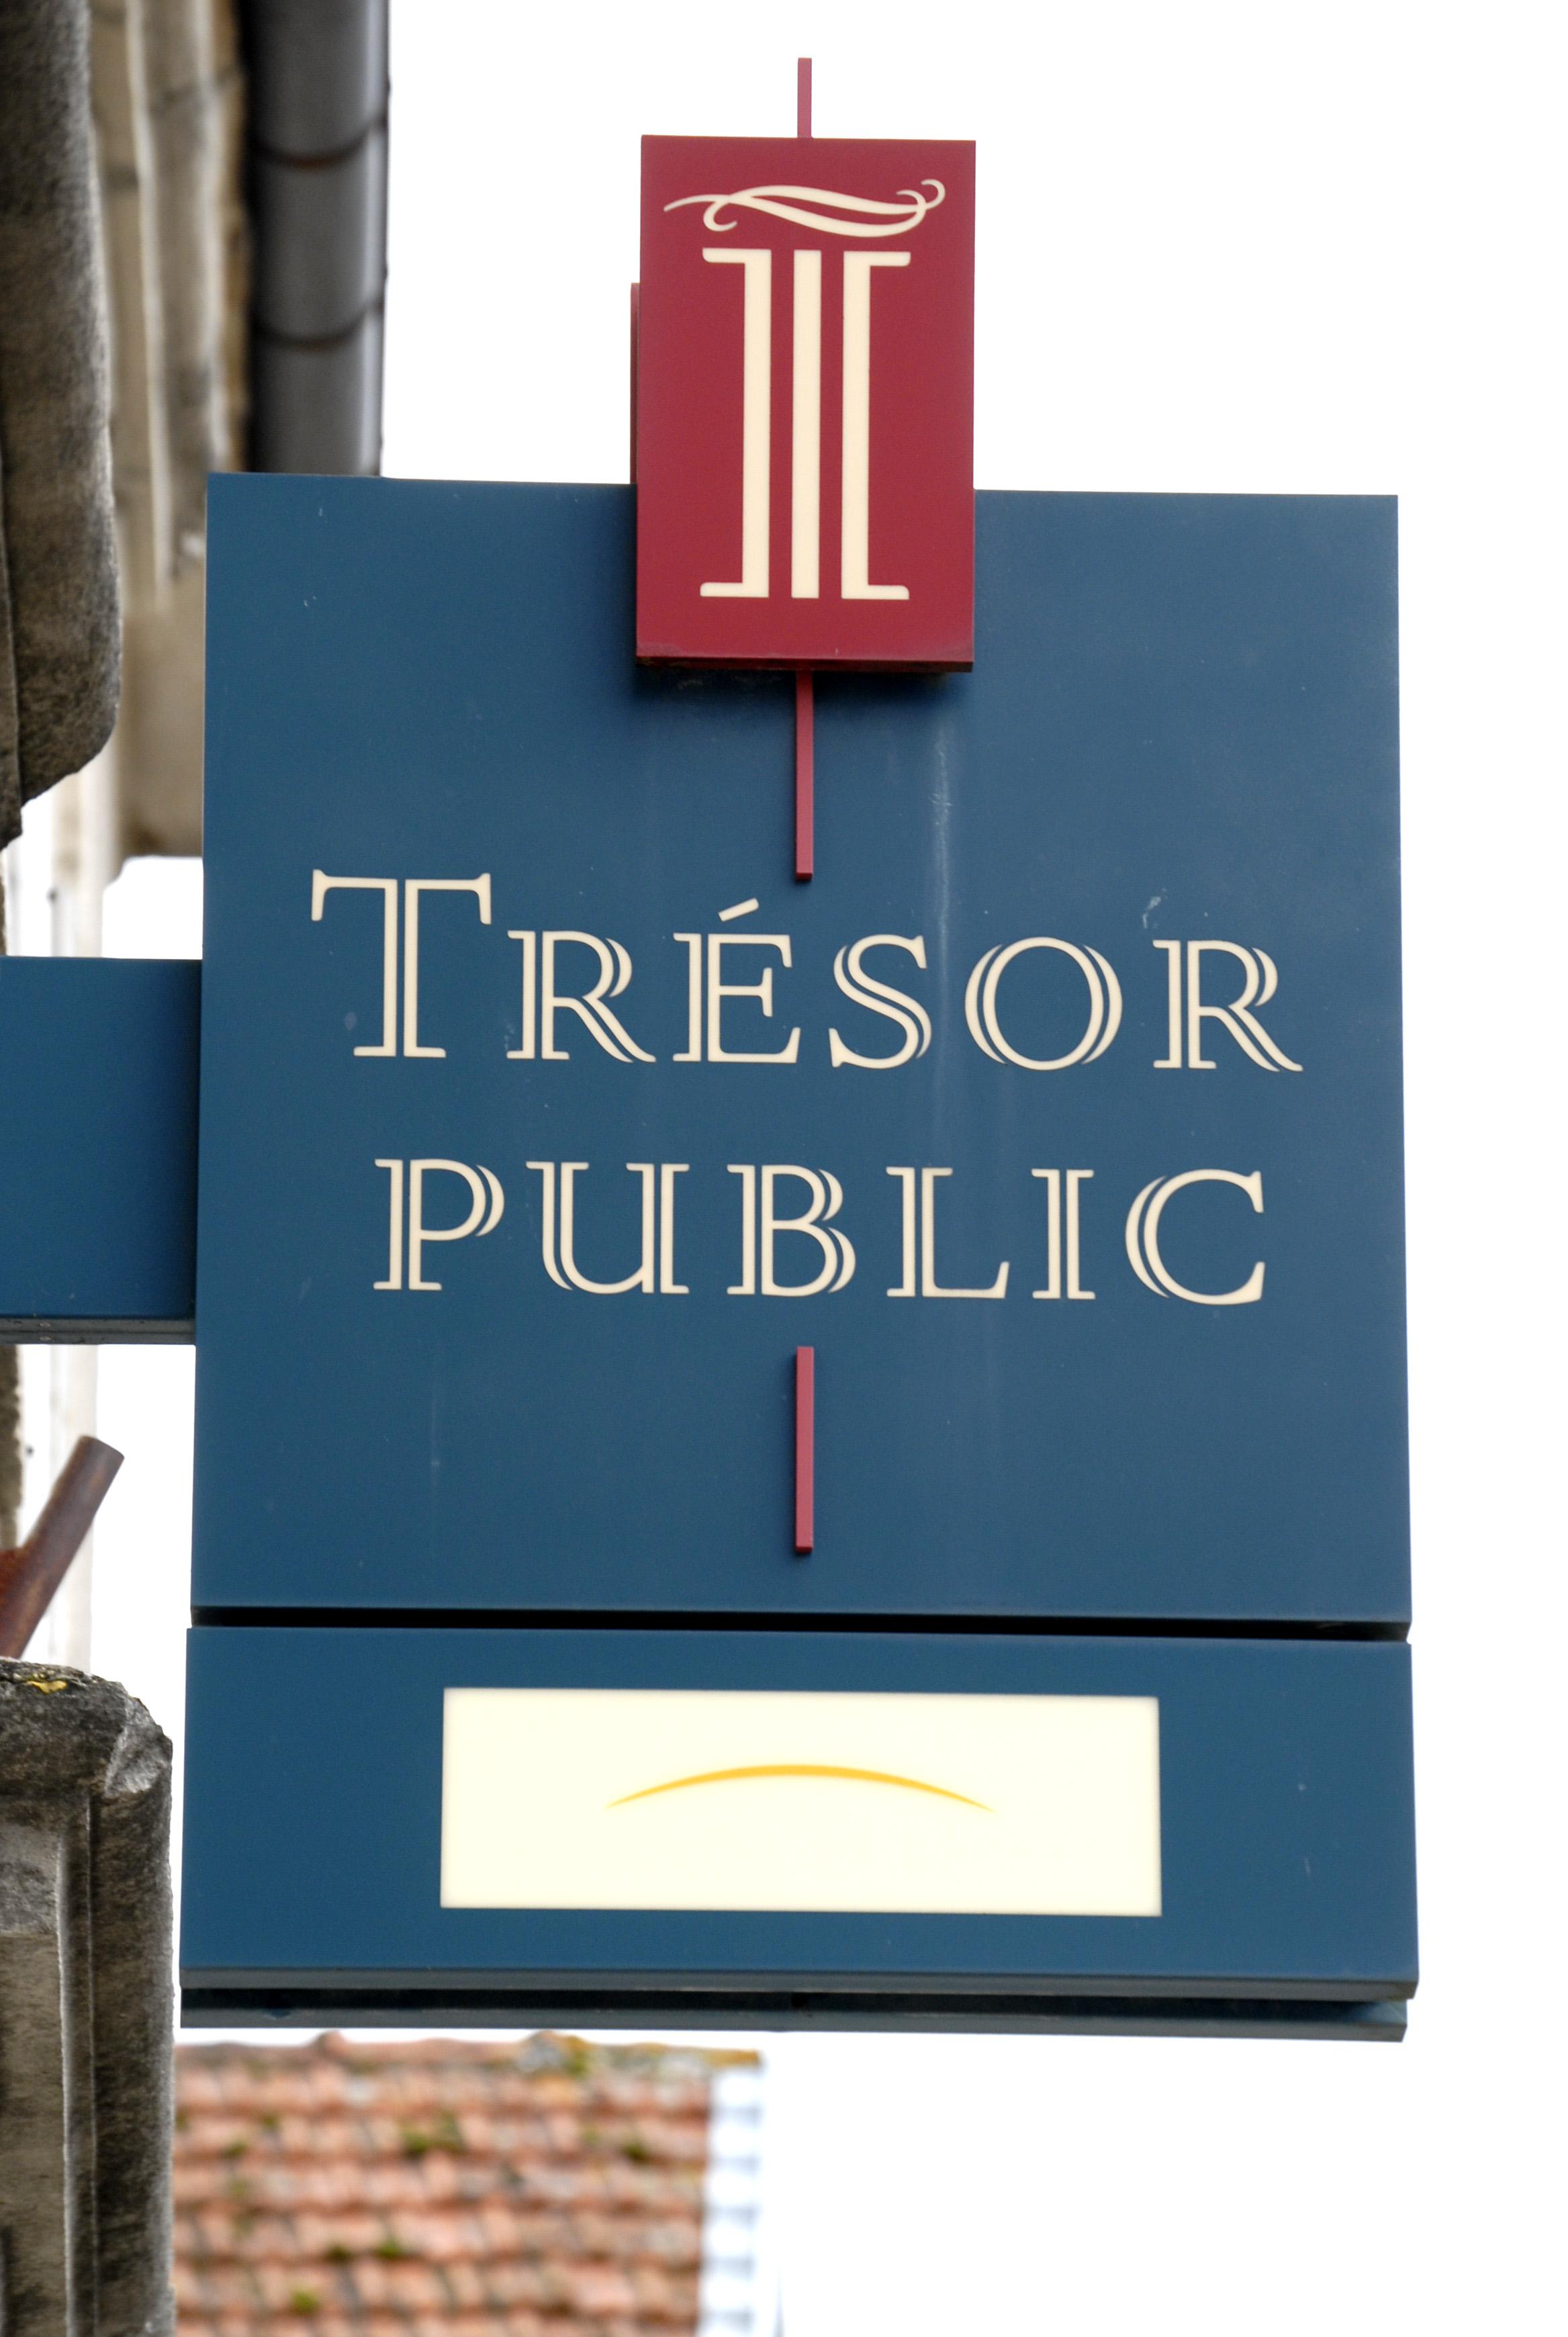 Les services publics de Chaussin ~ Tresor Public Rosny Sous Bois